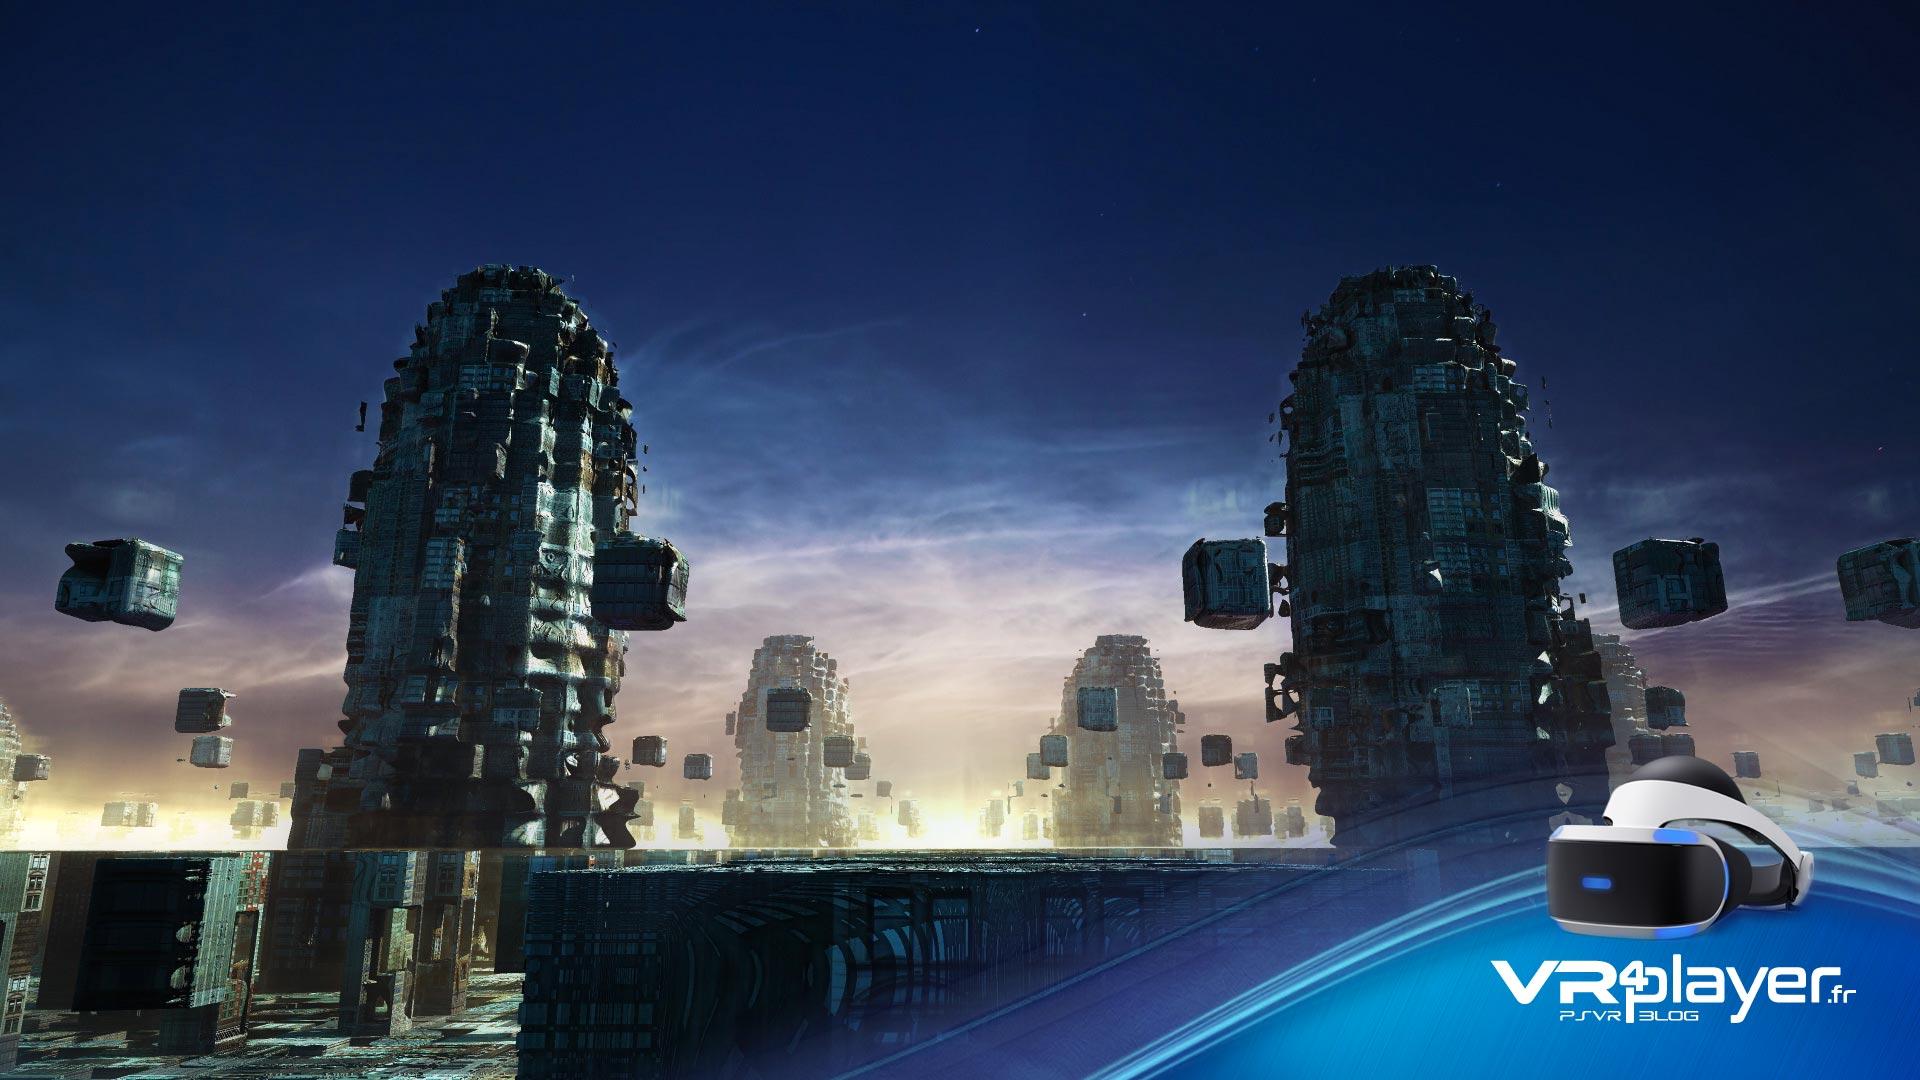 PlayStation VR : Julius Horsthuis, Coup de Cœur pour un artiste VR hors norme